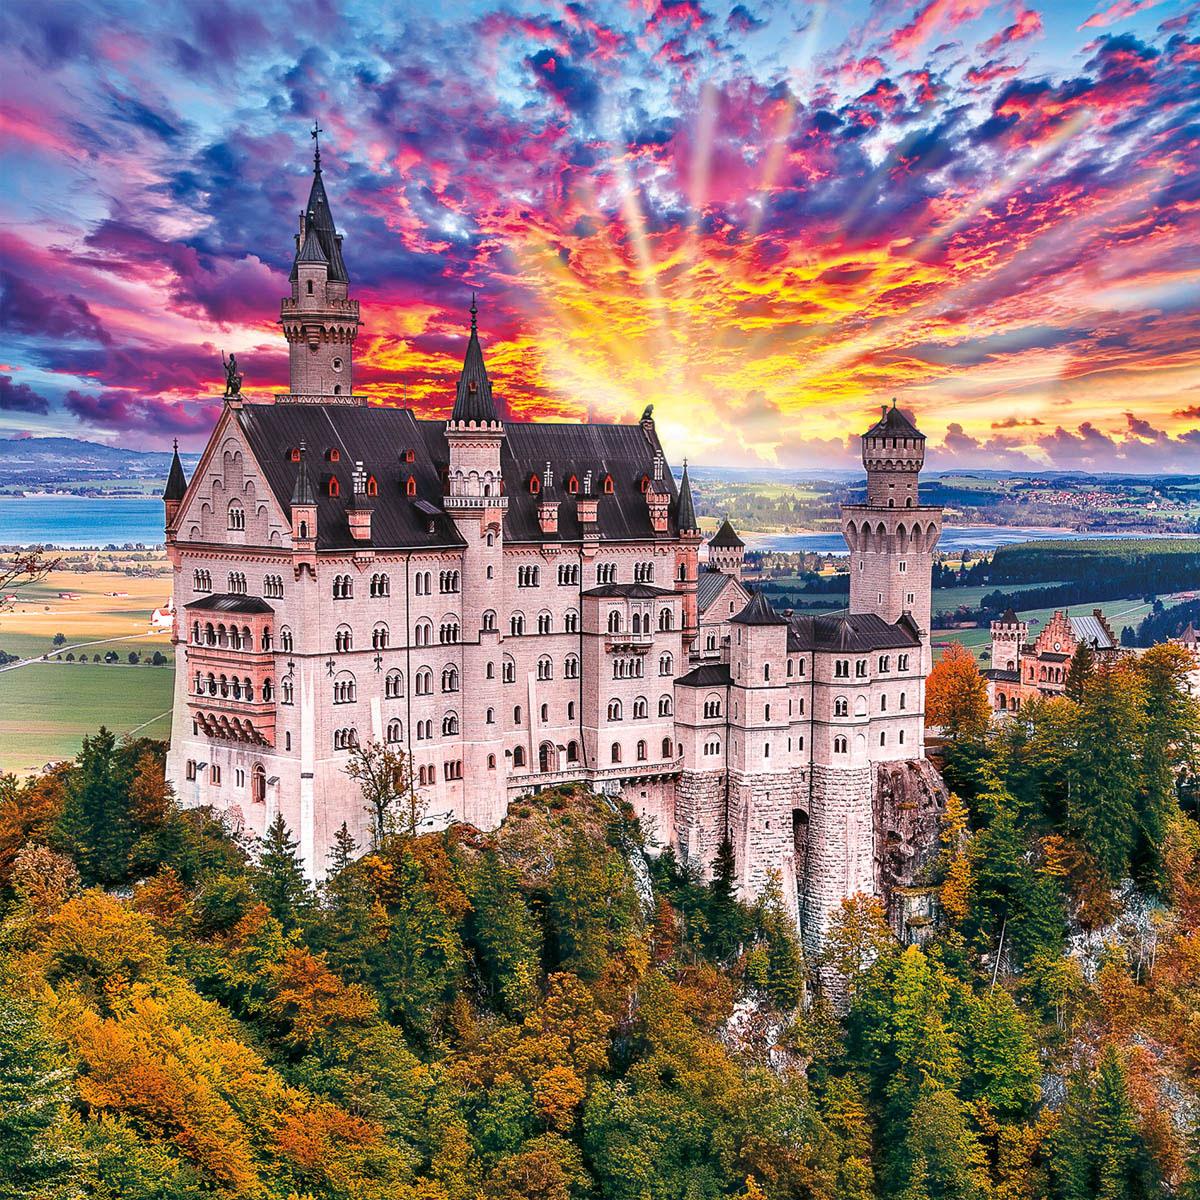 Fairy Tale Castle Castles Jigsaw Puzzle